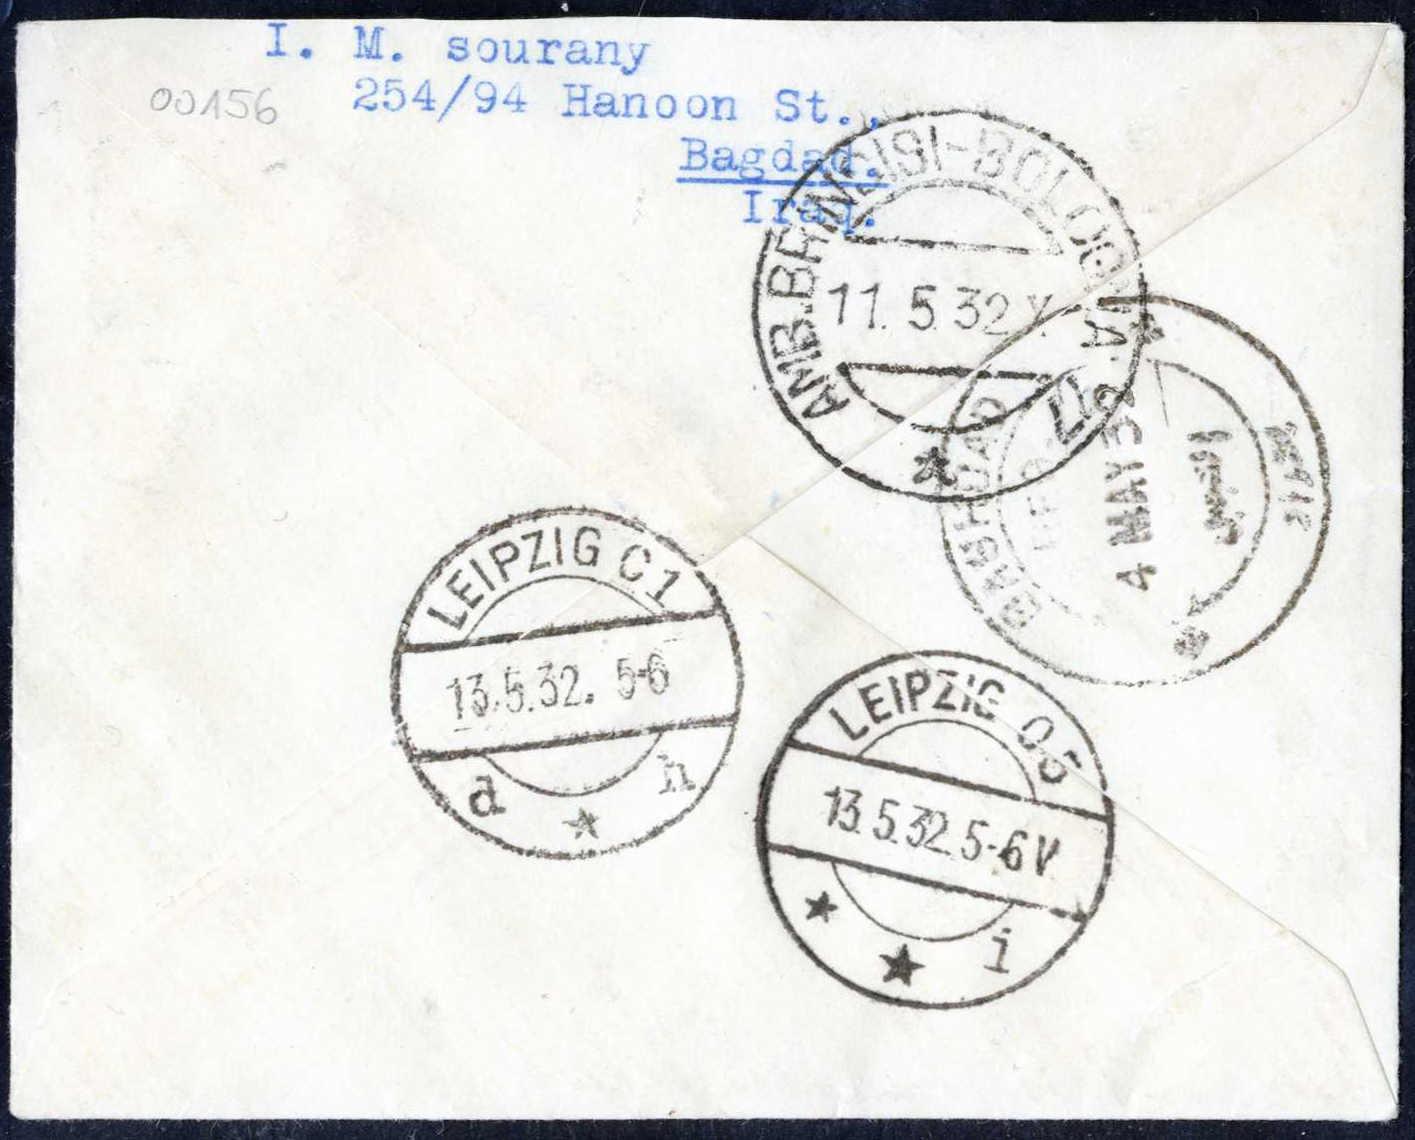 Lot 890 - andere gebiete Irak Britische Mandats Periode -  HA HARMERS AUCTIONS S.A. Treasure Hunt 3